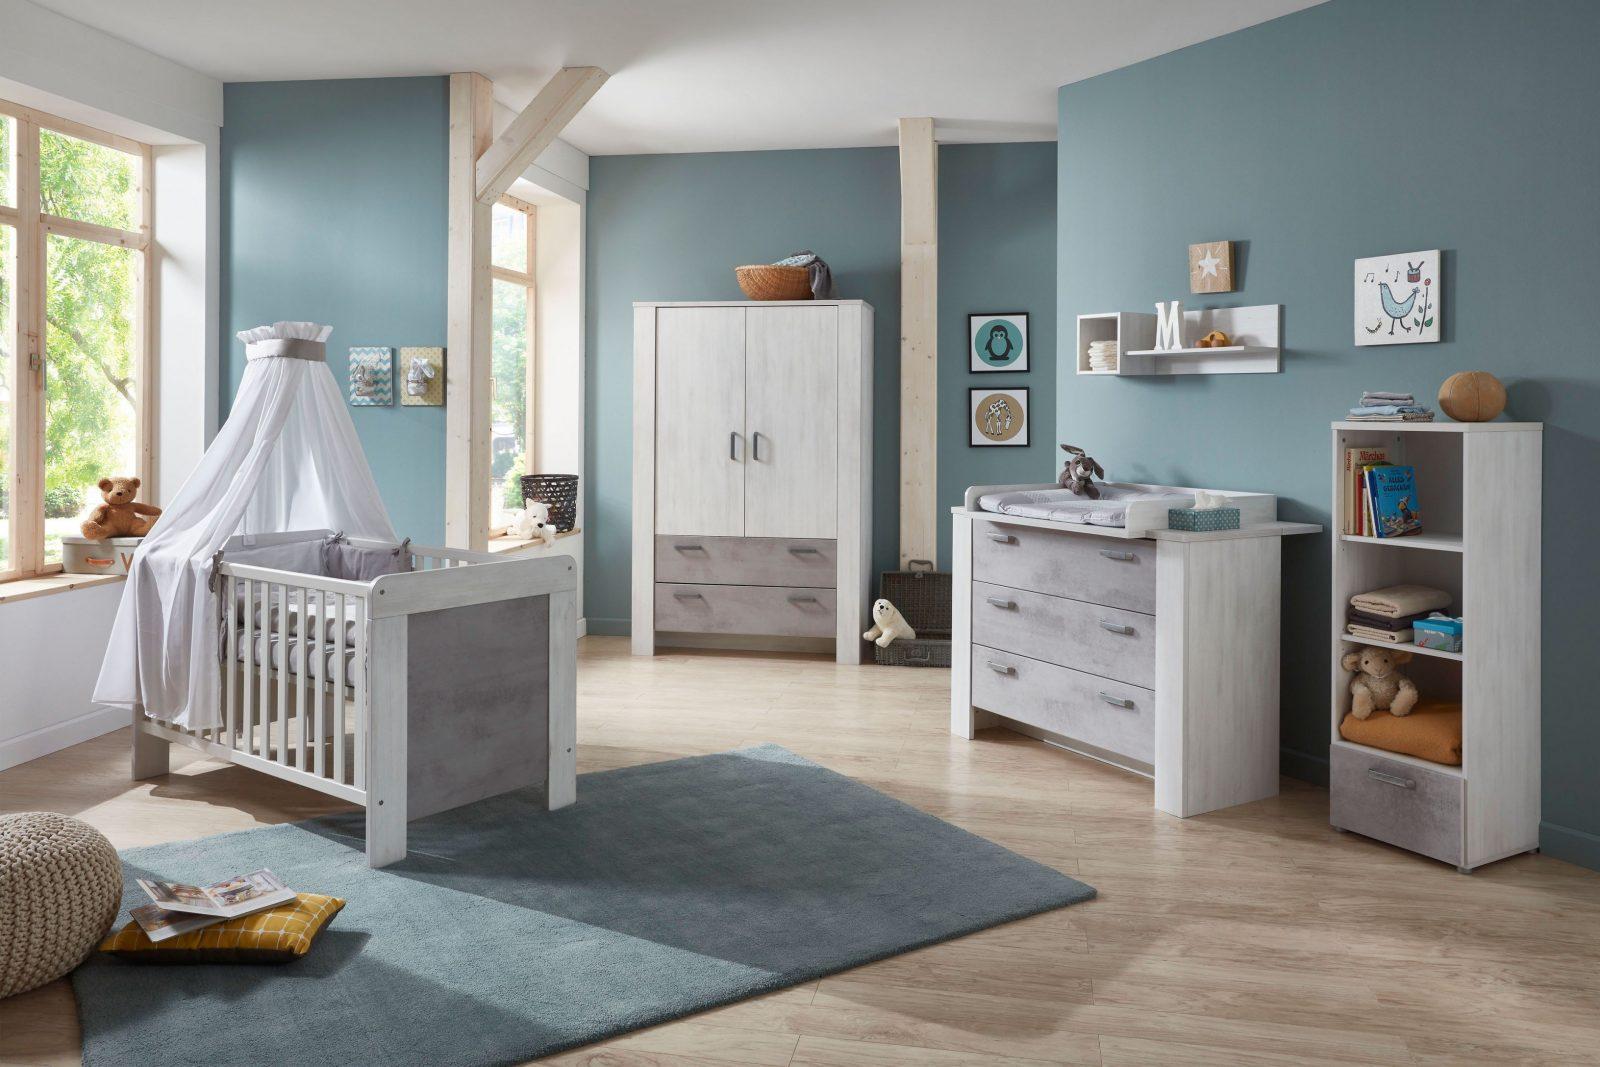 Lola Von Arthur Berndt  Babyzimmer Weiß  Grau von Babyzimmer Weiß Grau Bild